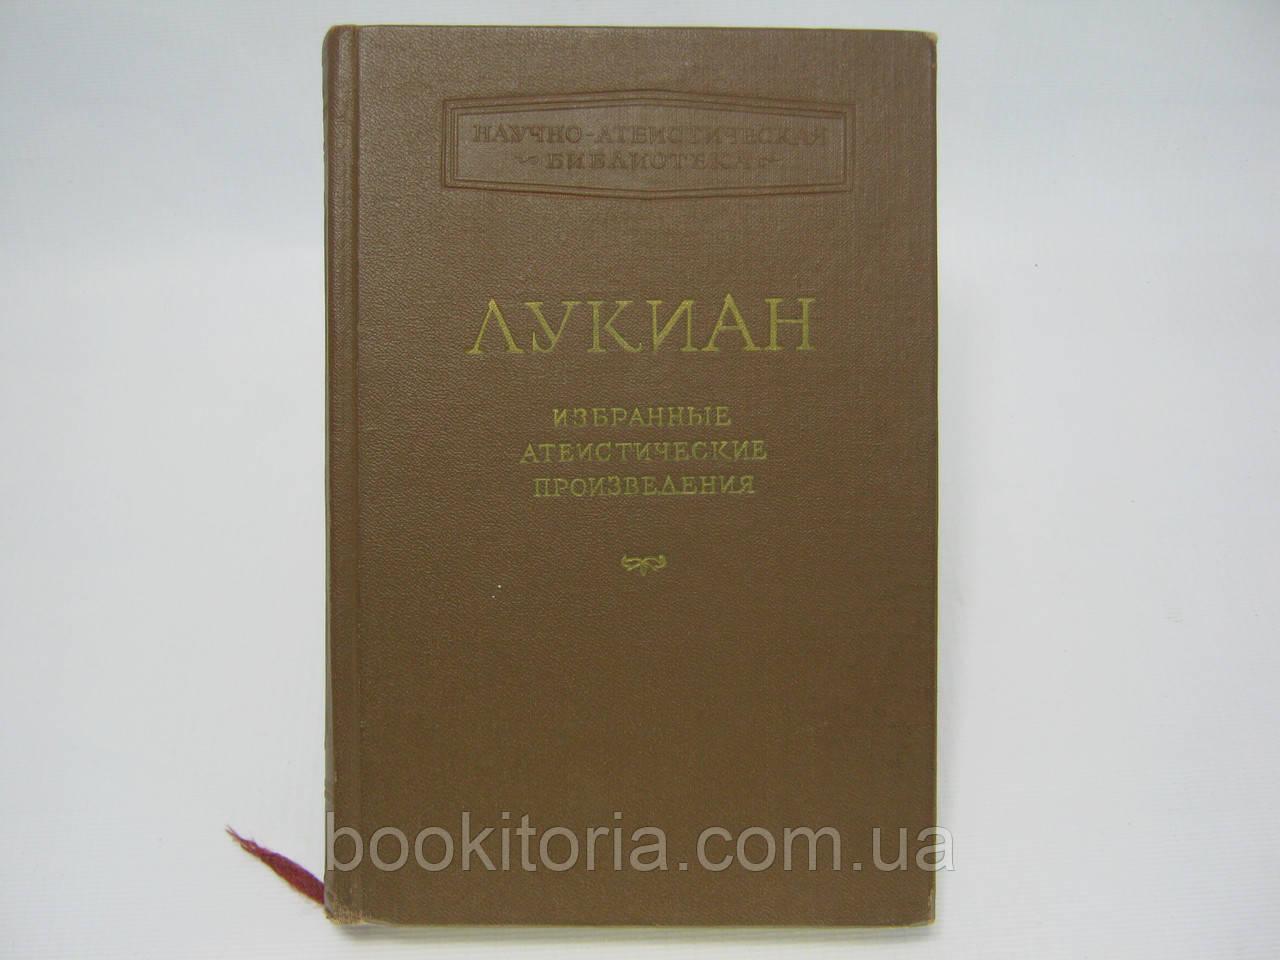 Лукиан. Избранные атеистические произведения (б/у).